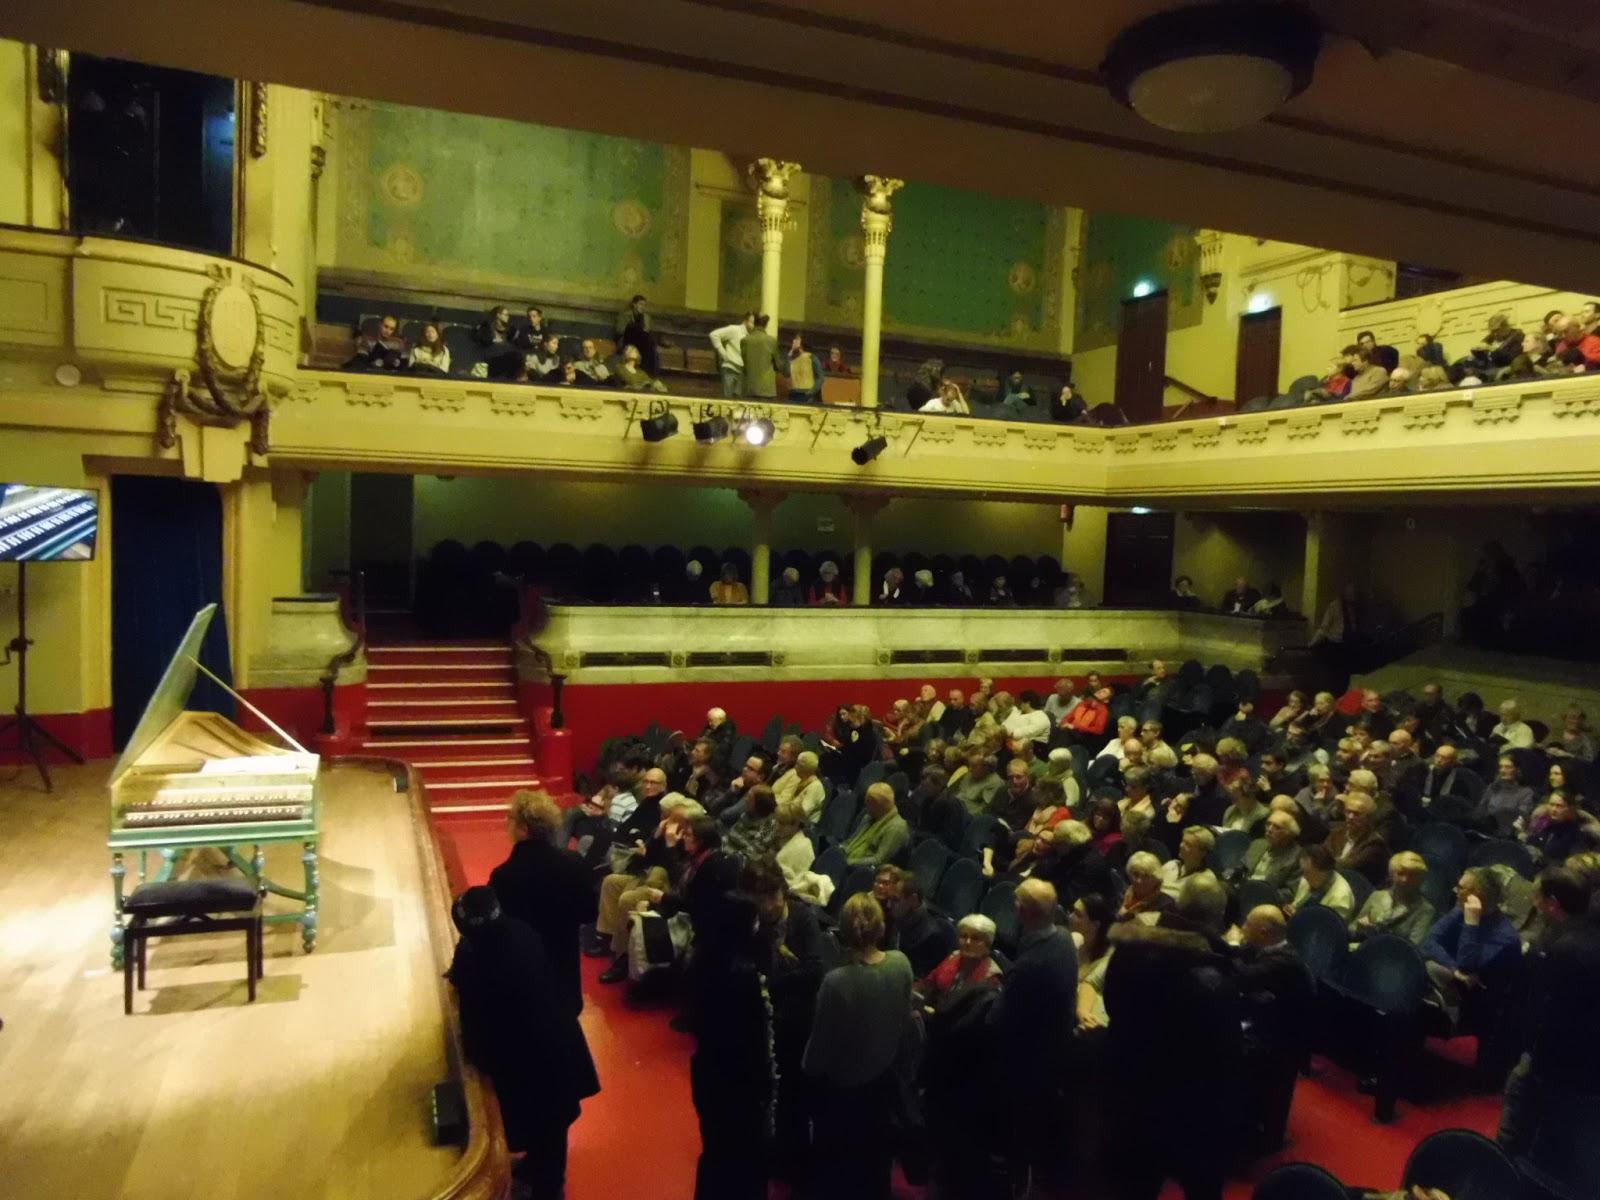 Piano A Lyon Jean Rondeau Triomphe Au Clavecin A La Salle